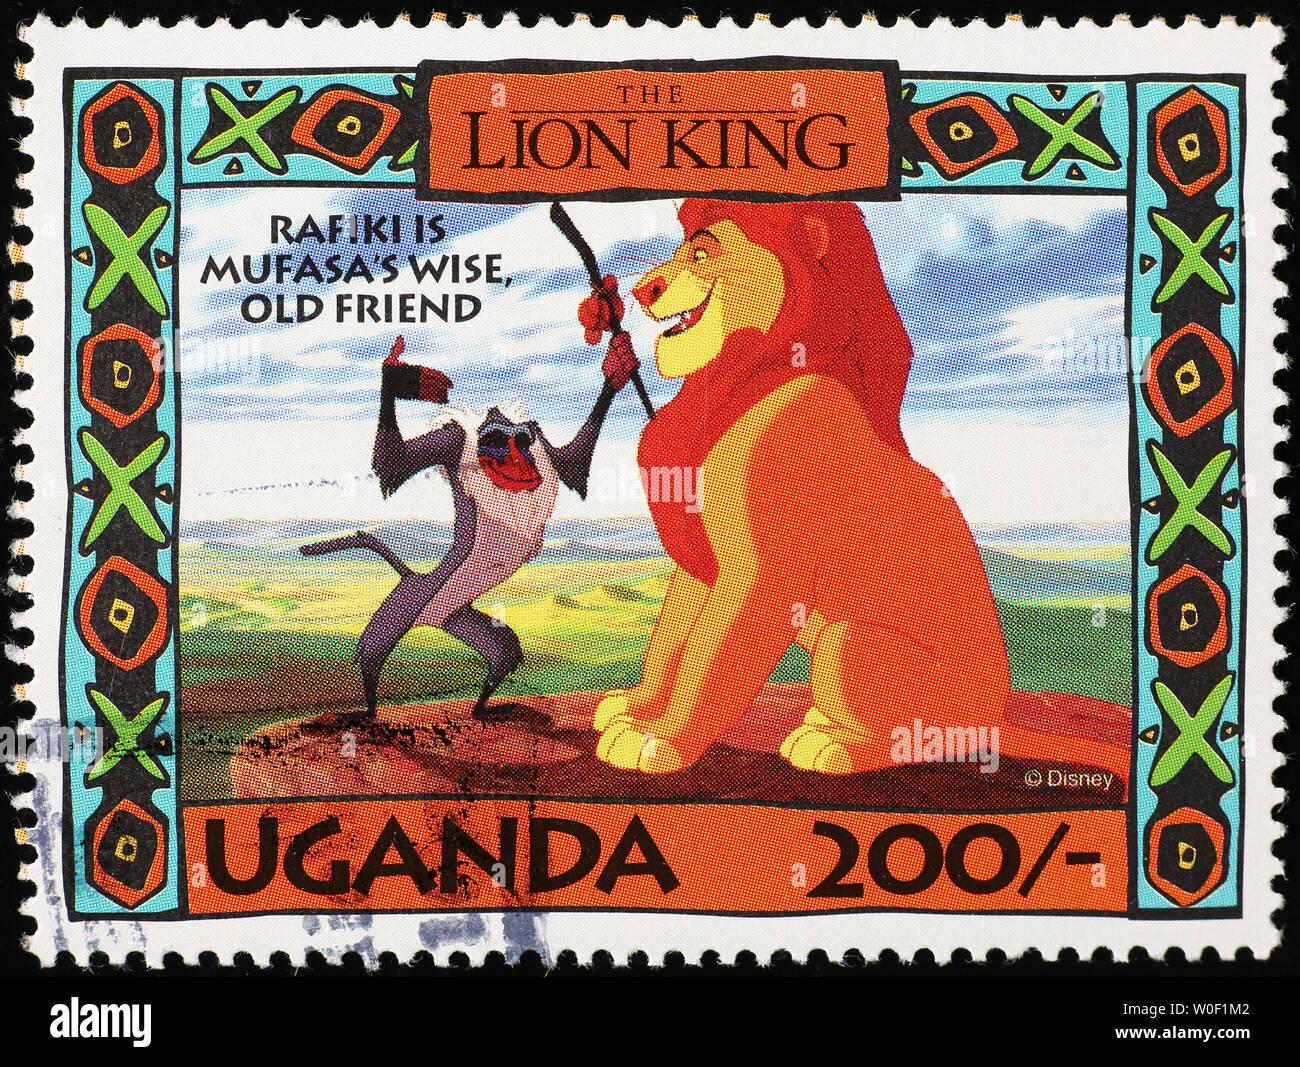 Mufasa und Rafiki von König der Löwen auf Briefmarke Stockbild